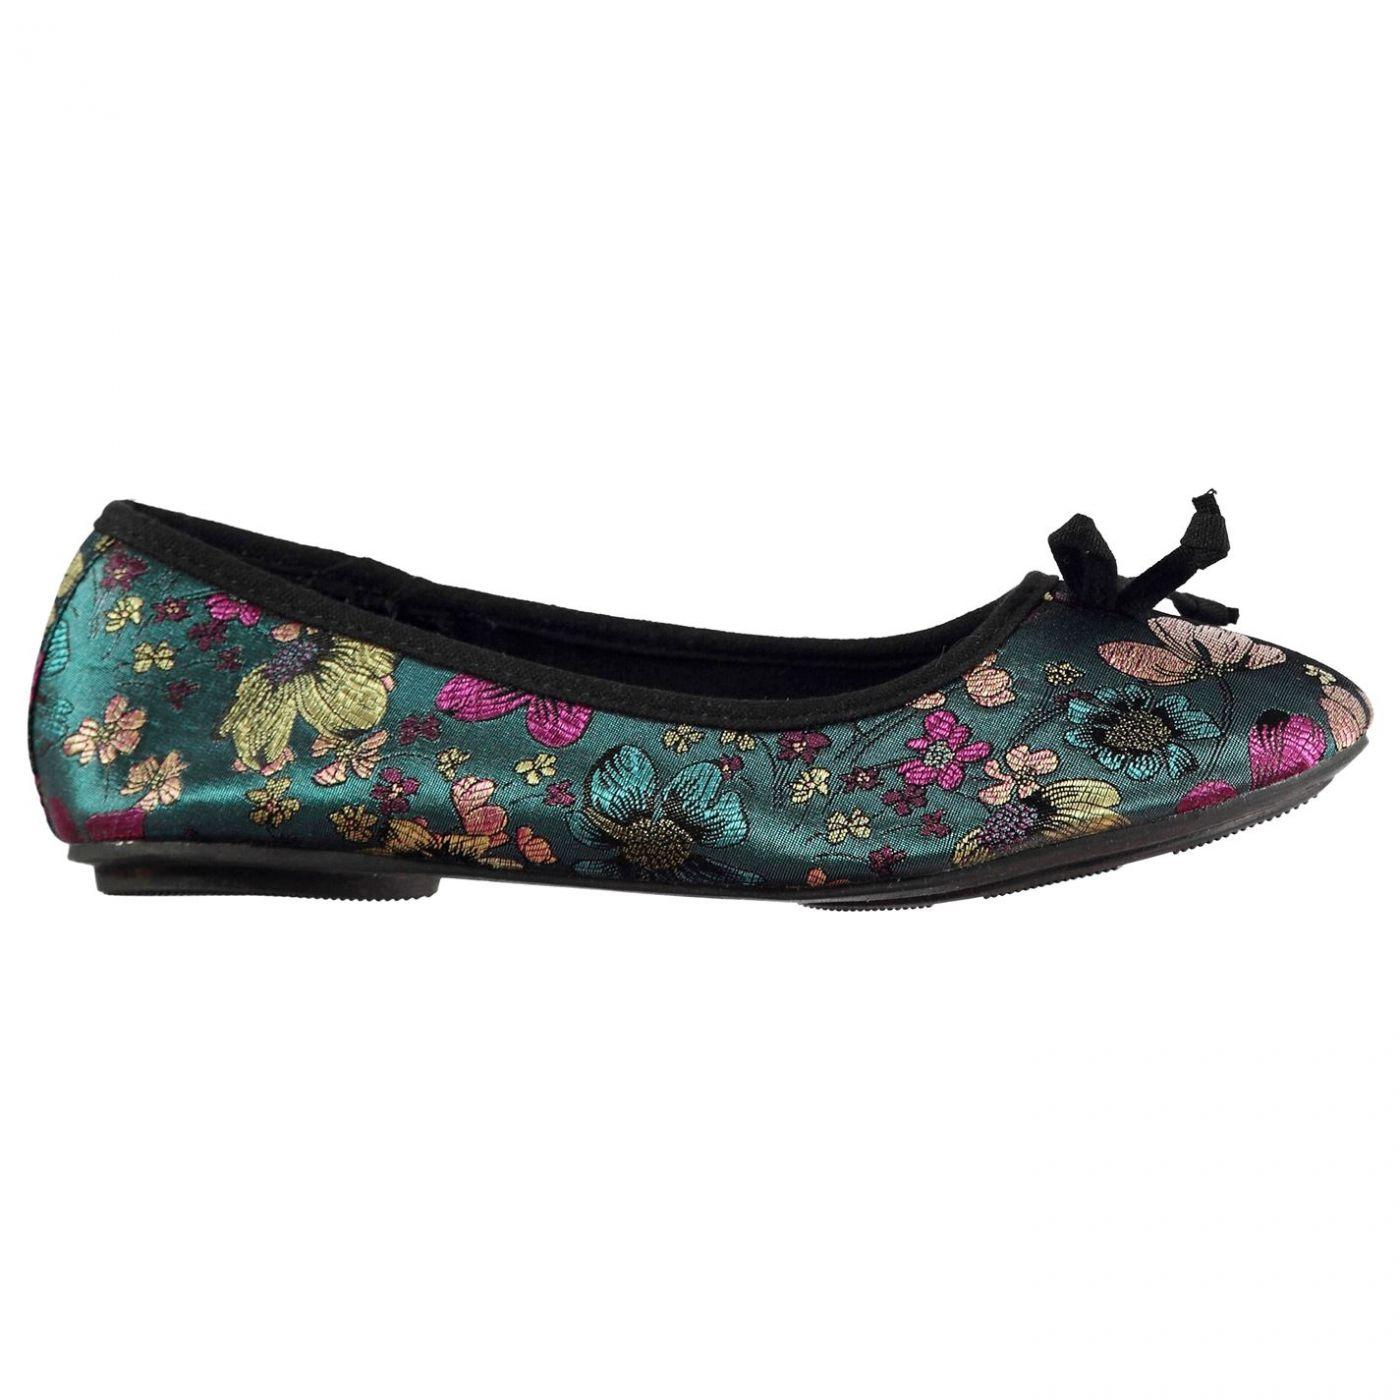 Miso Floral Ladies Ballet Shoes